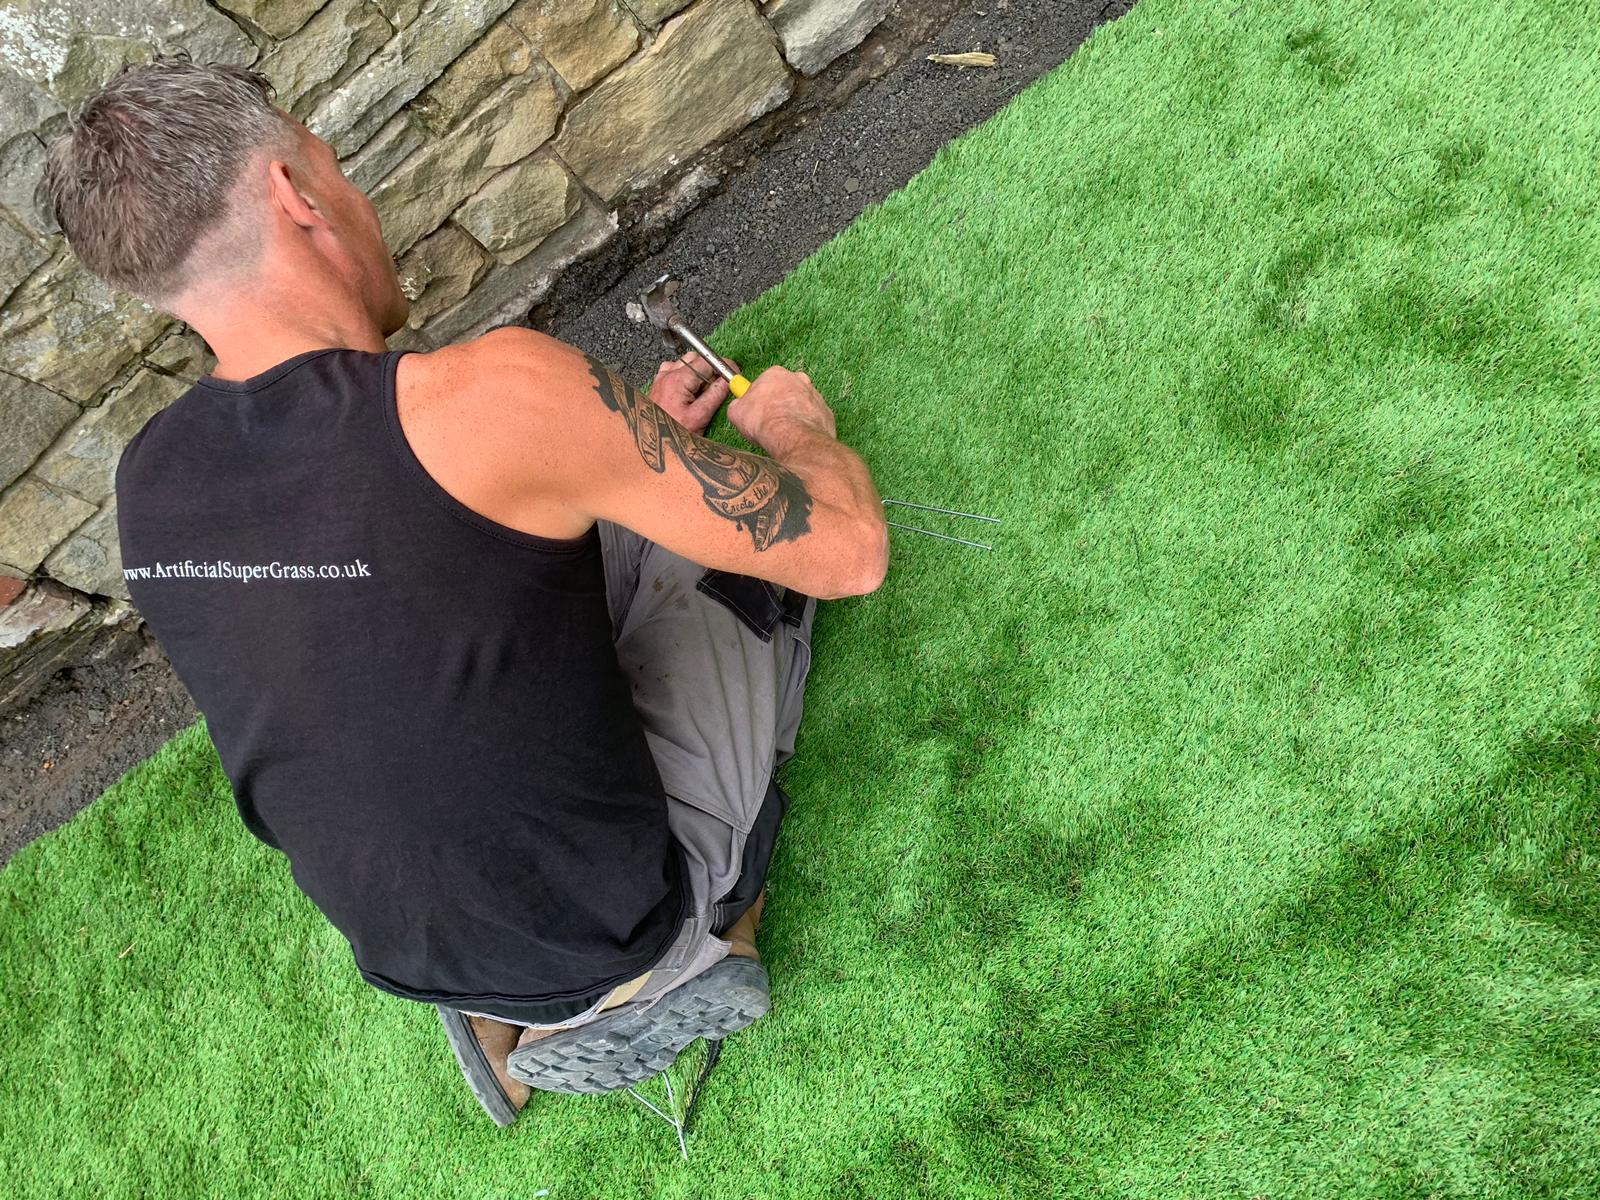 Plastic Grass Ossett Artificial Super Grass